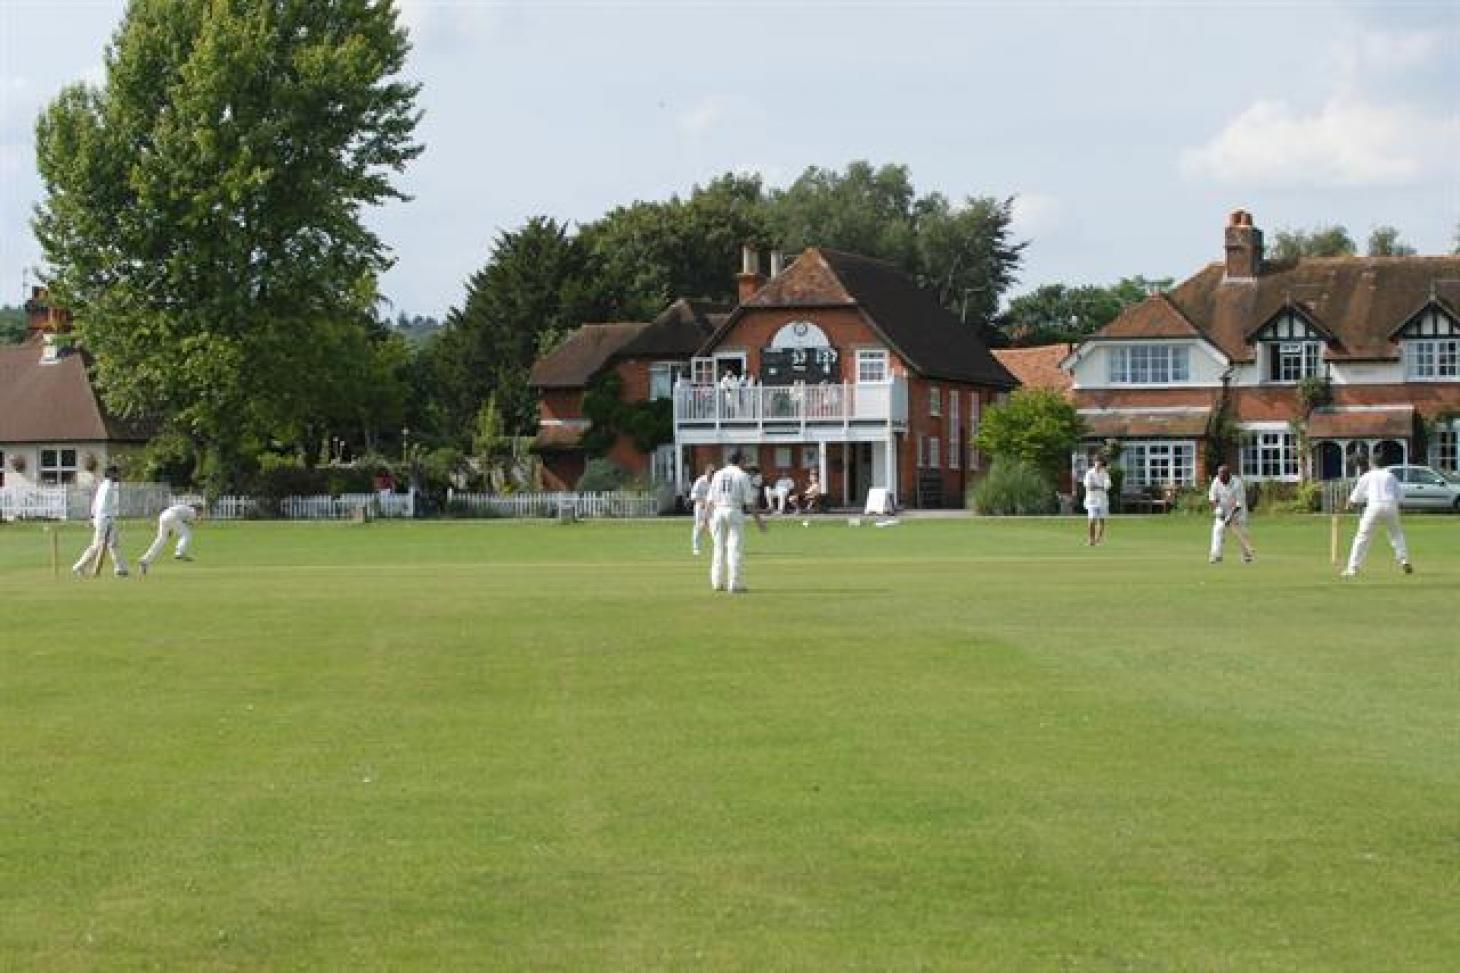 Littlewick Green Cricket Club Full size | Grass cricket facilities